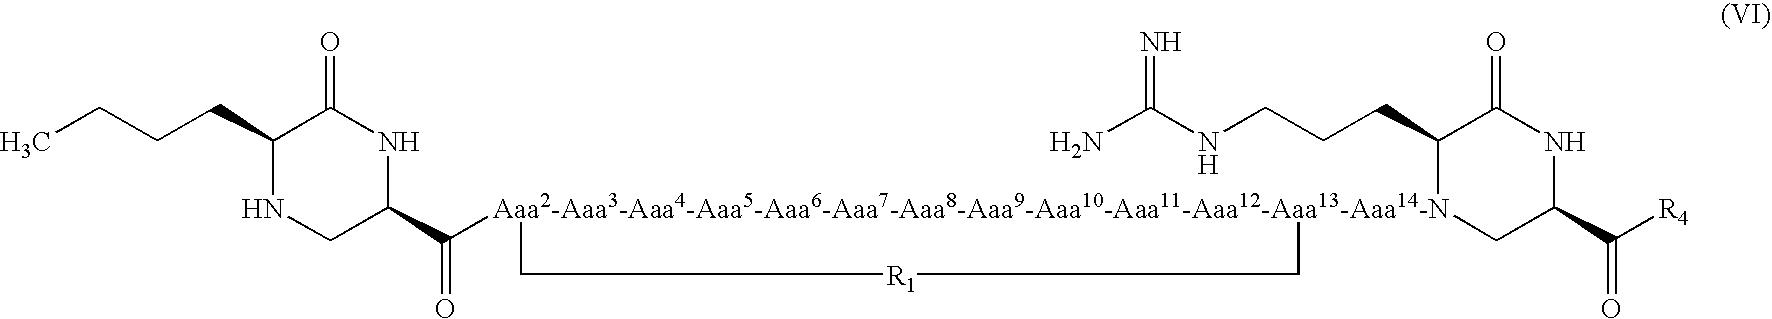 Figure US07622440-20091124-C00420